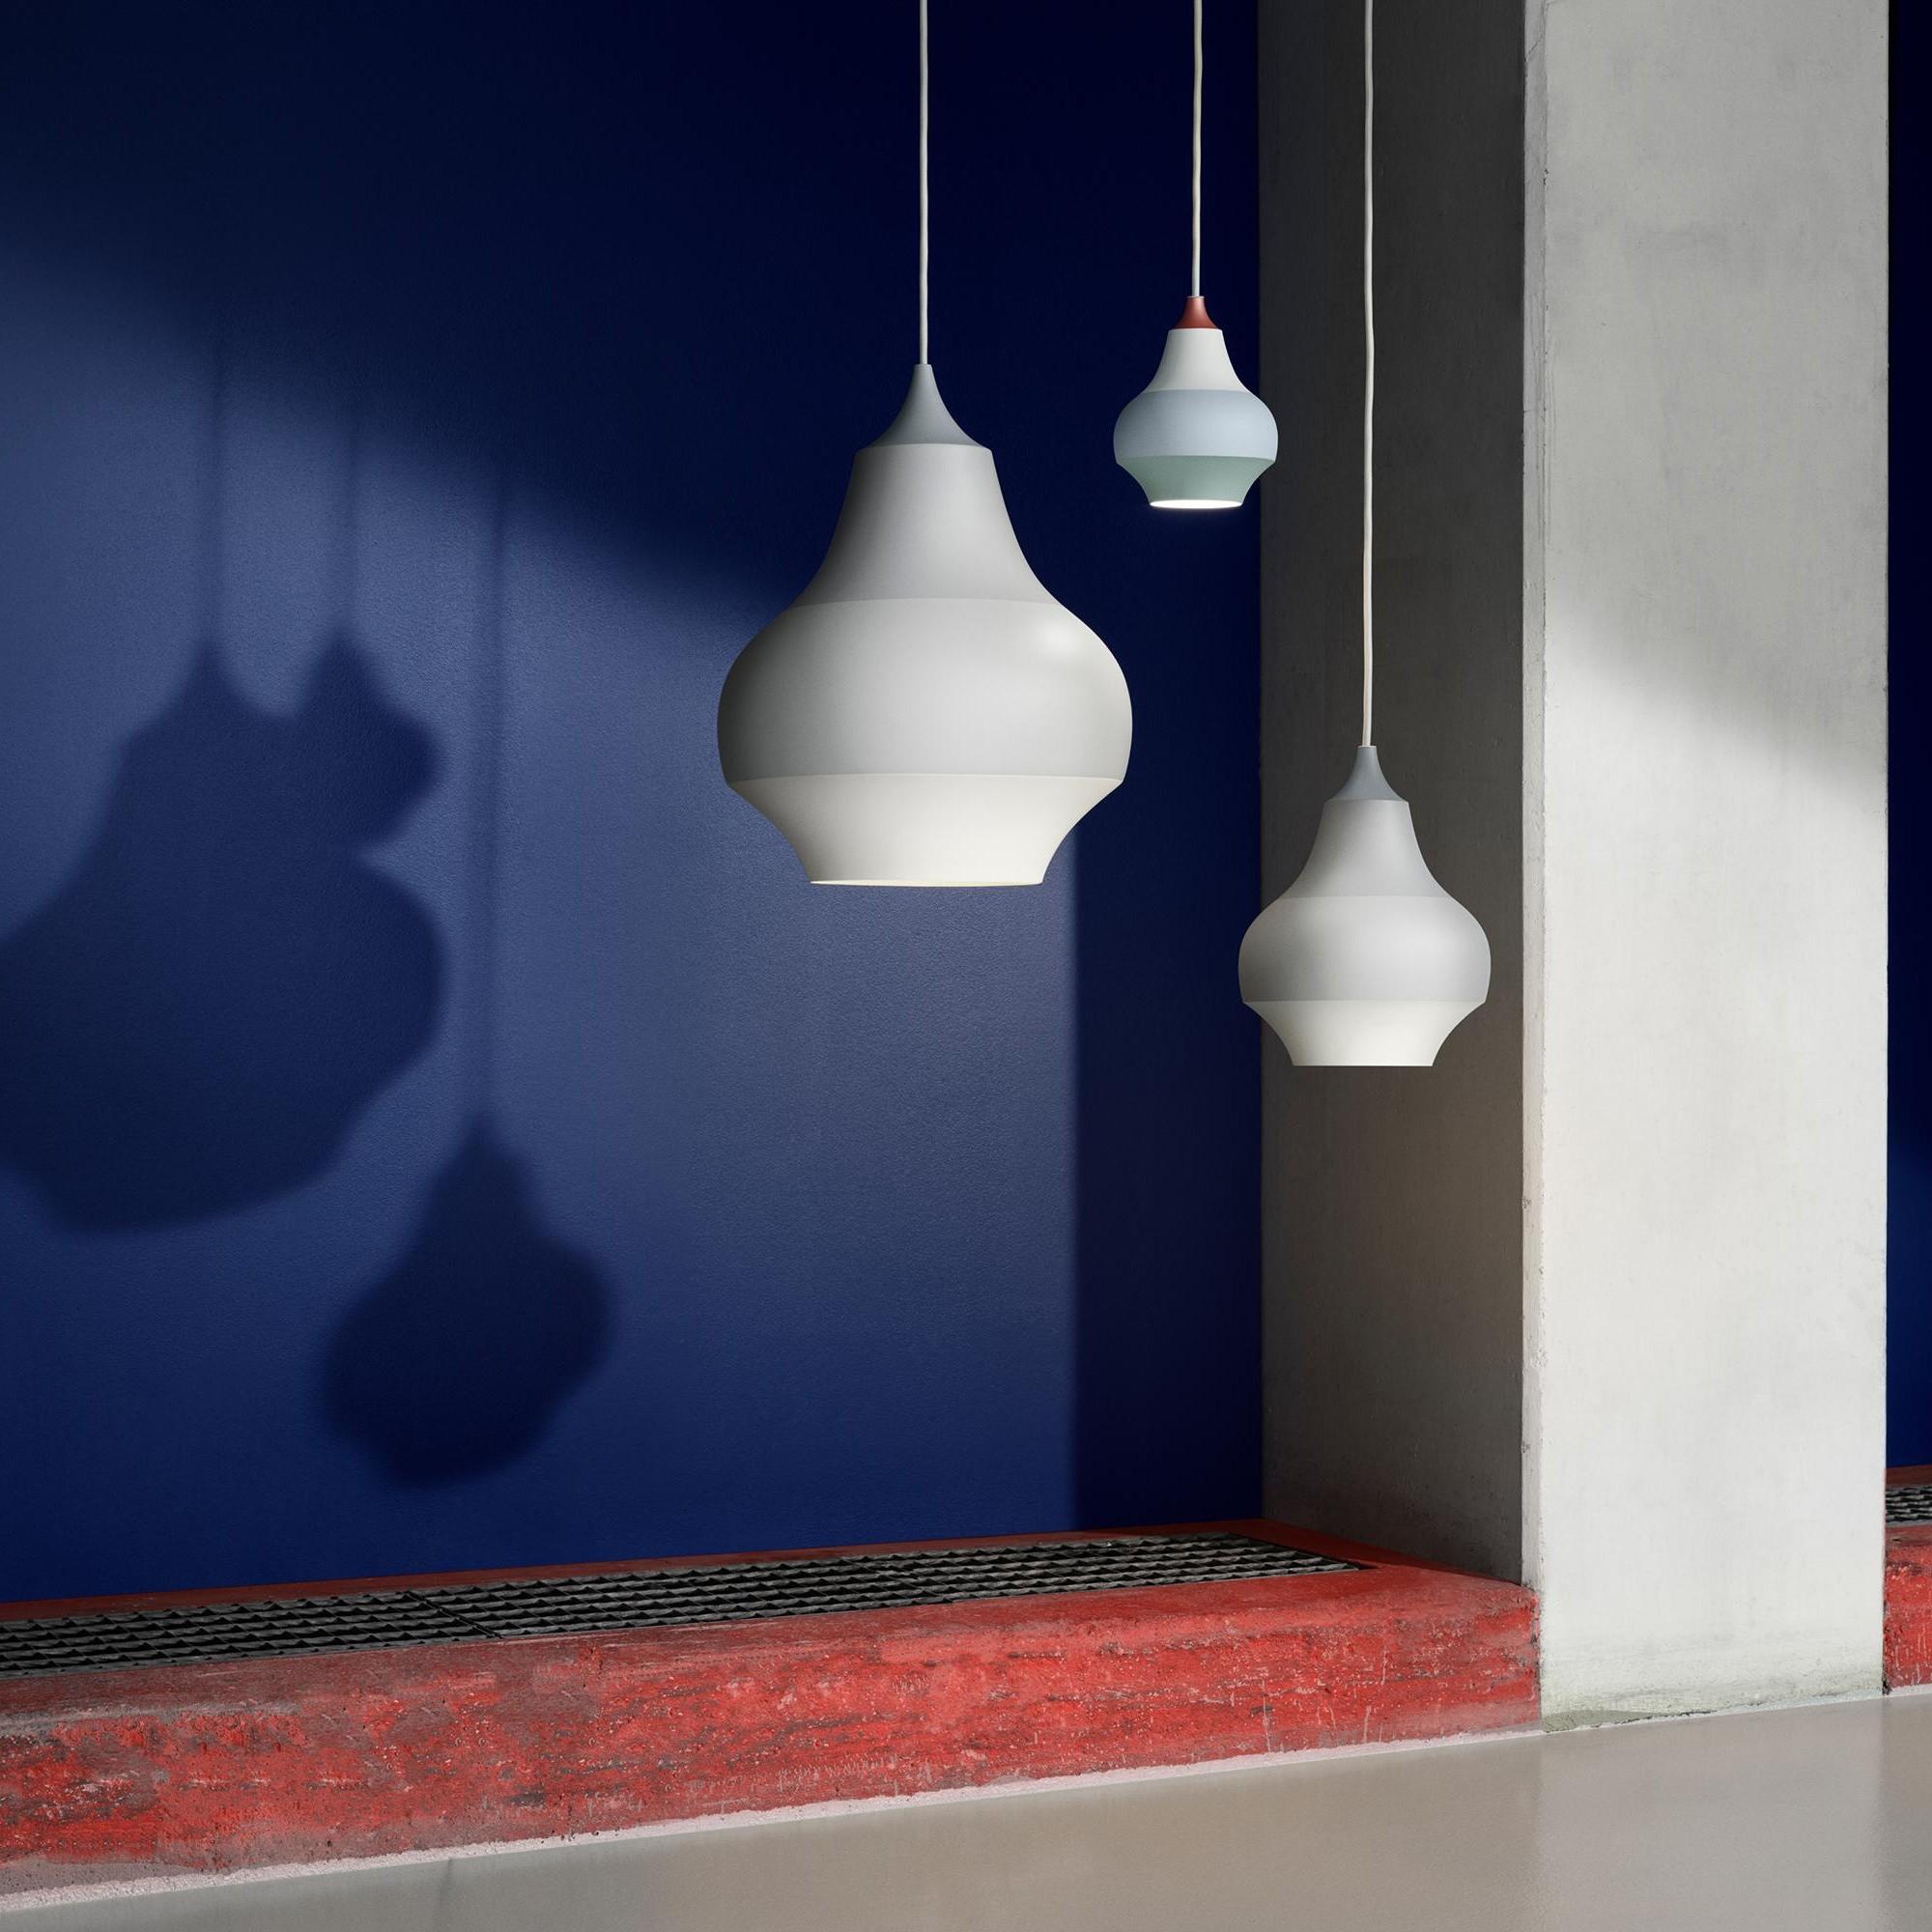 louis poulsen cirque pendelleuchte s ambientedirect. Black Bedroom Furniture Sets. Home Design Ideas